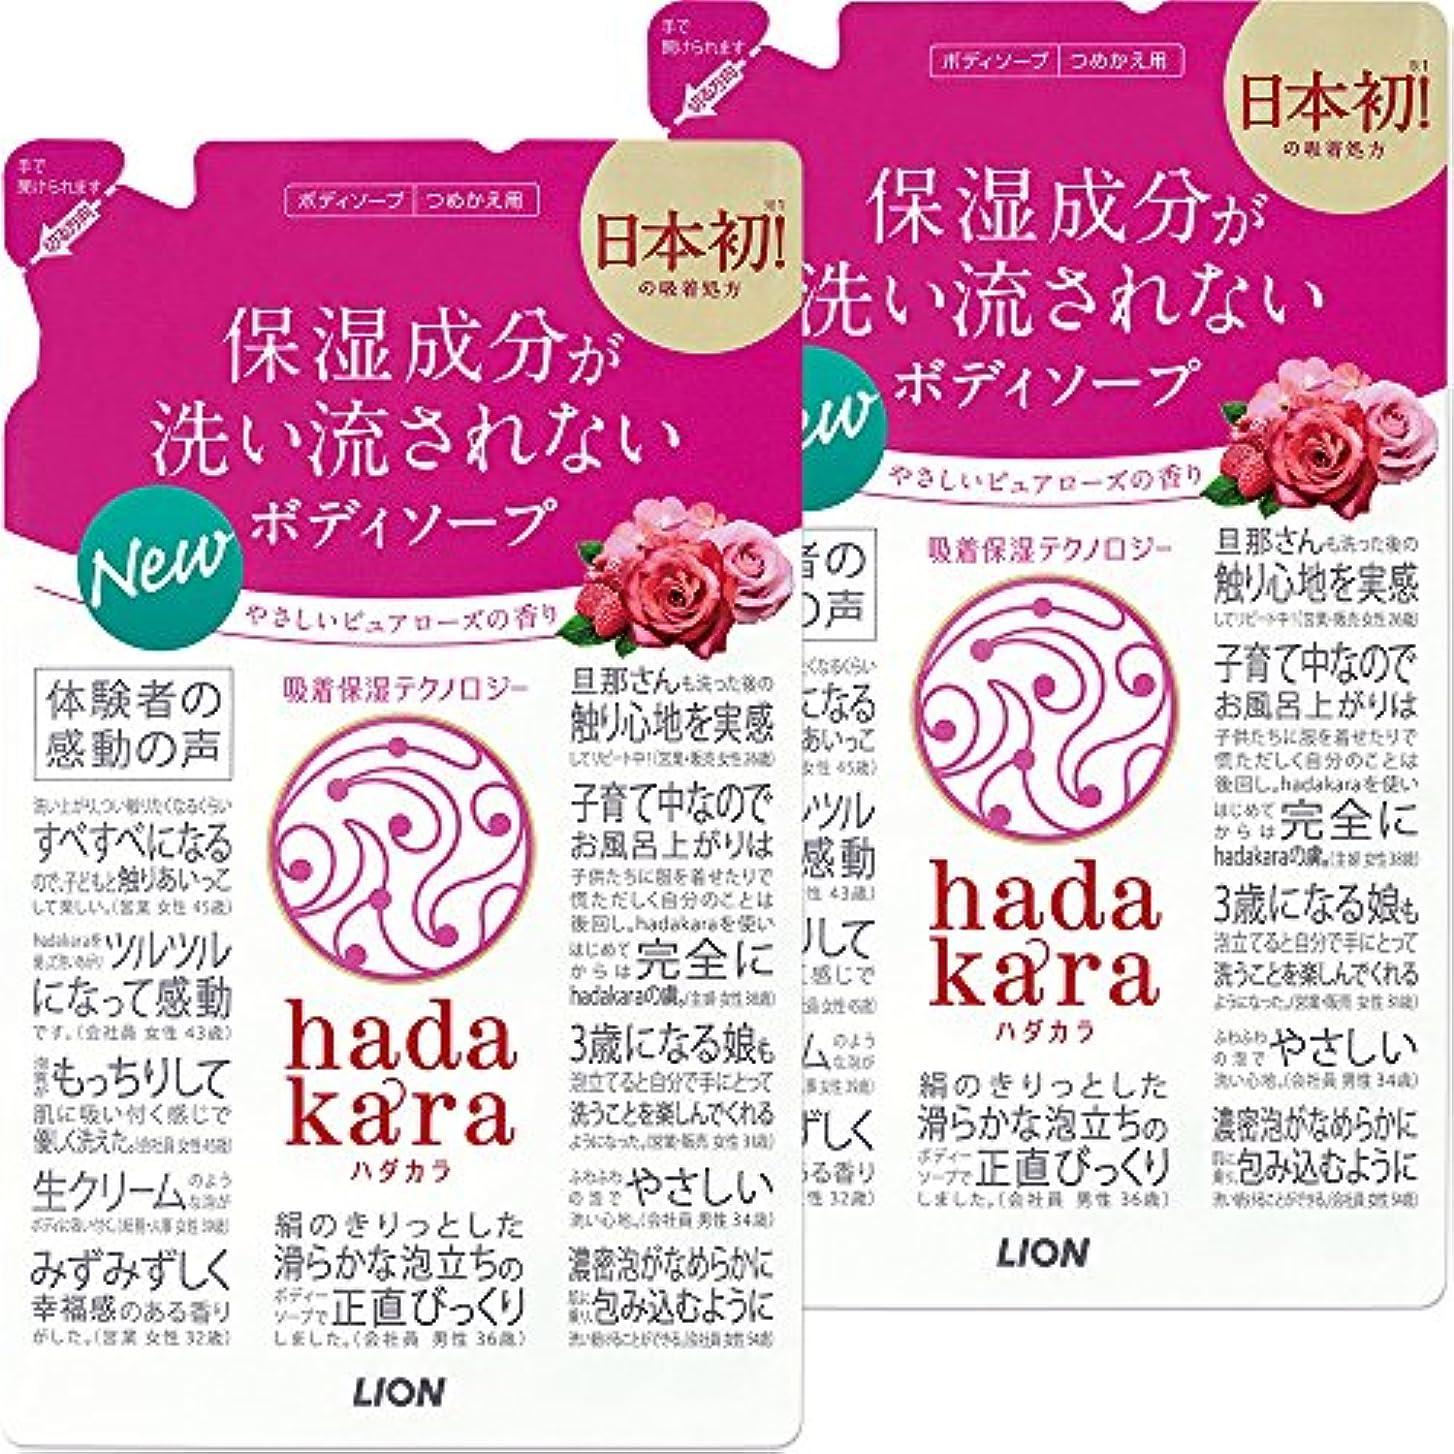 対話流す散髪【まとめ買い】hadakara(ハダカラ) ボディソープ ピュアローズの香り 詰め替え 360ml×2個パック